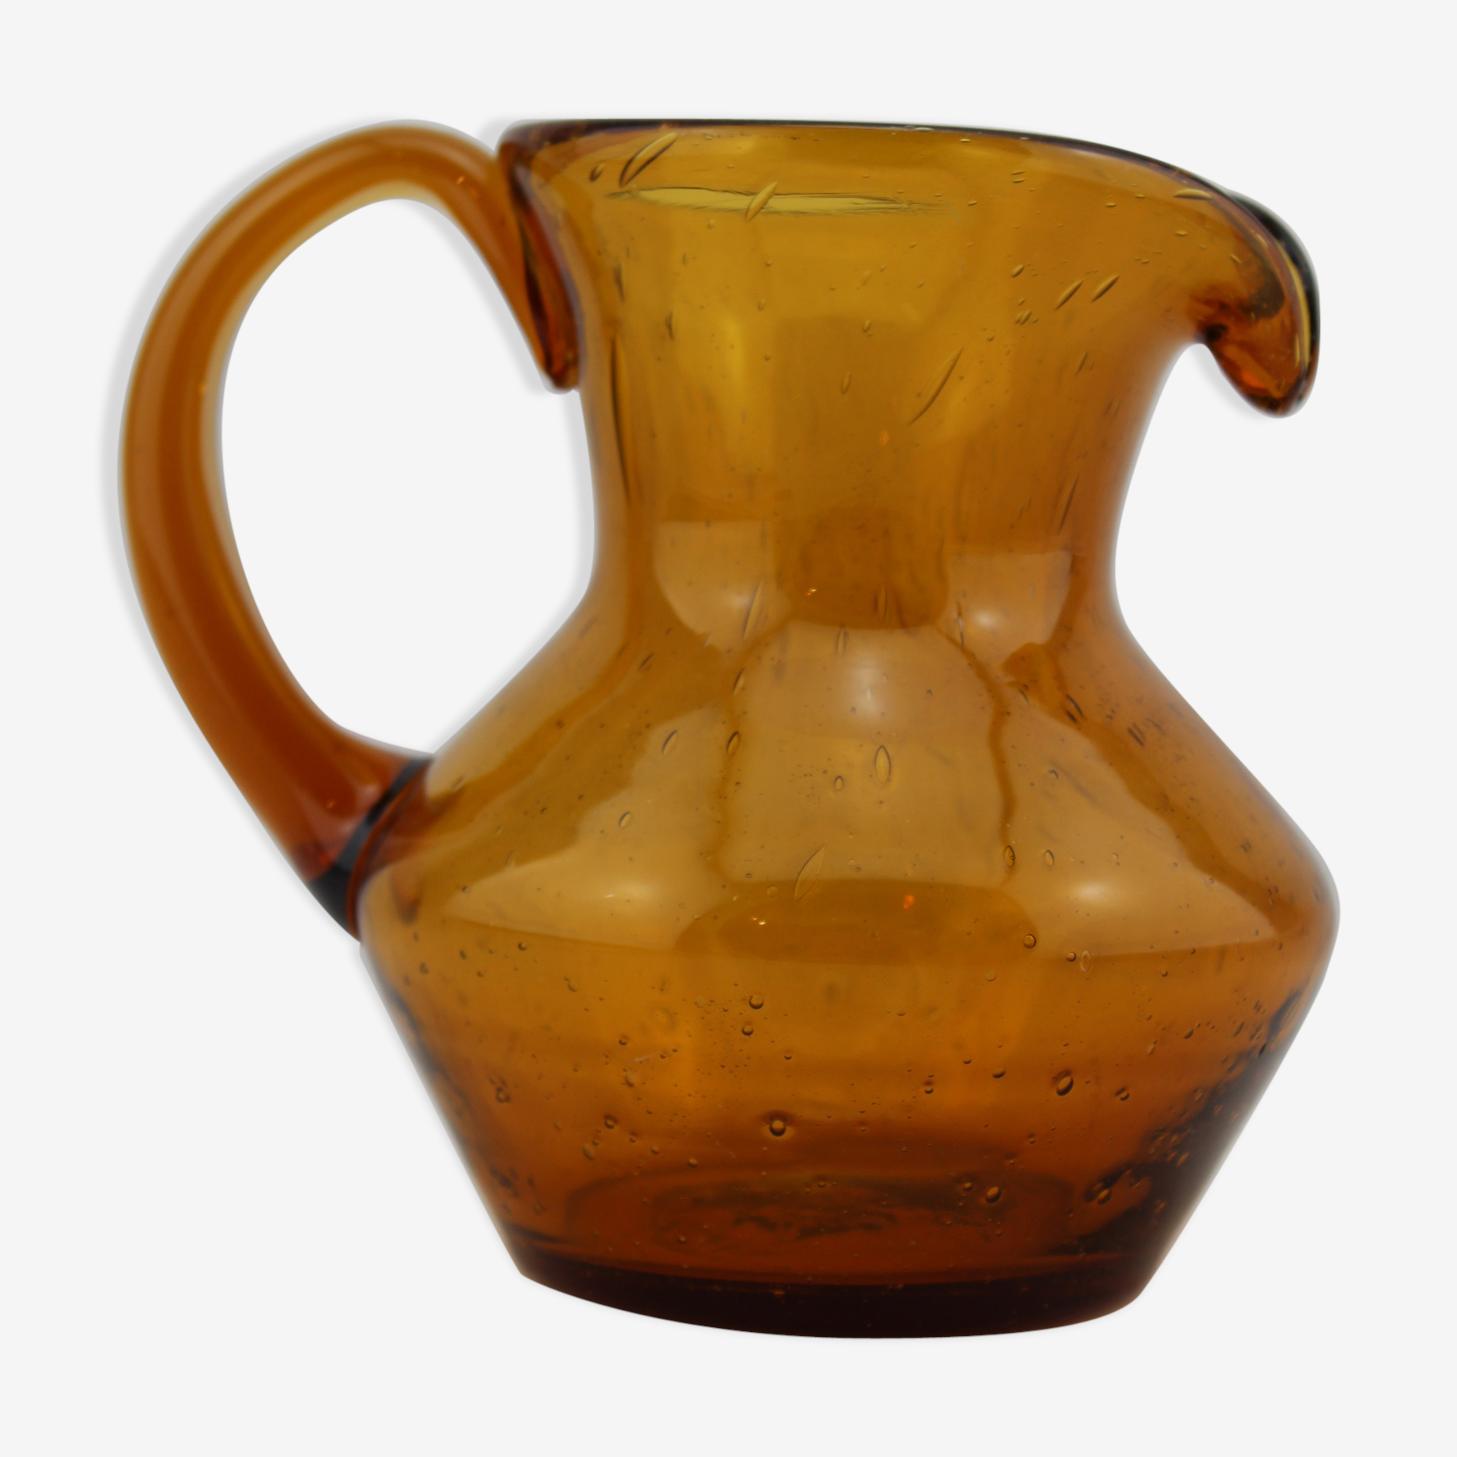 Pichet orangé verre bullé de Biot